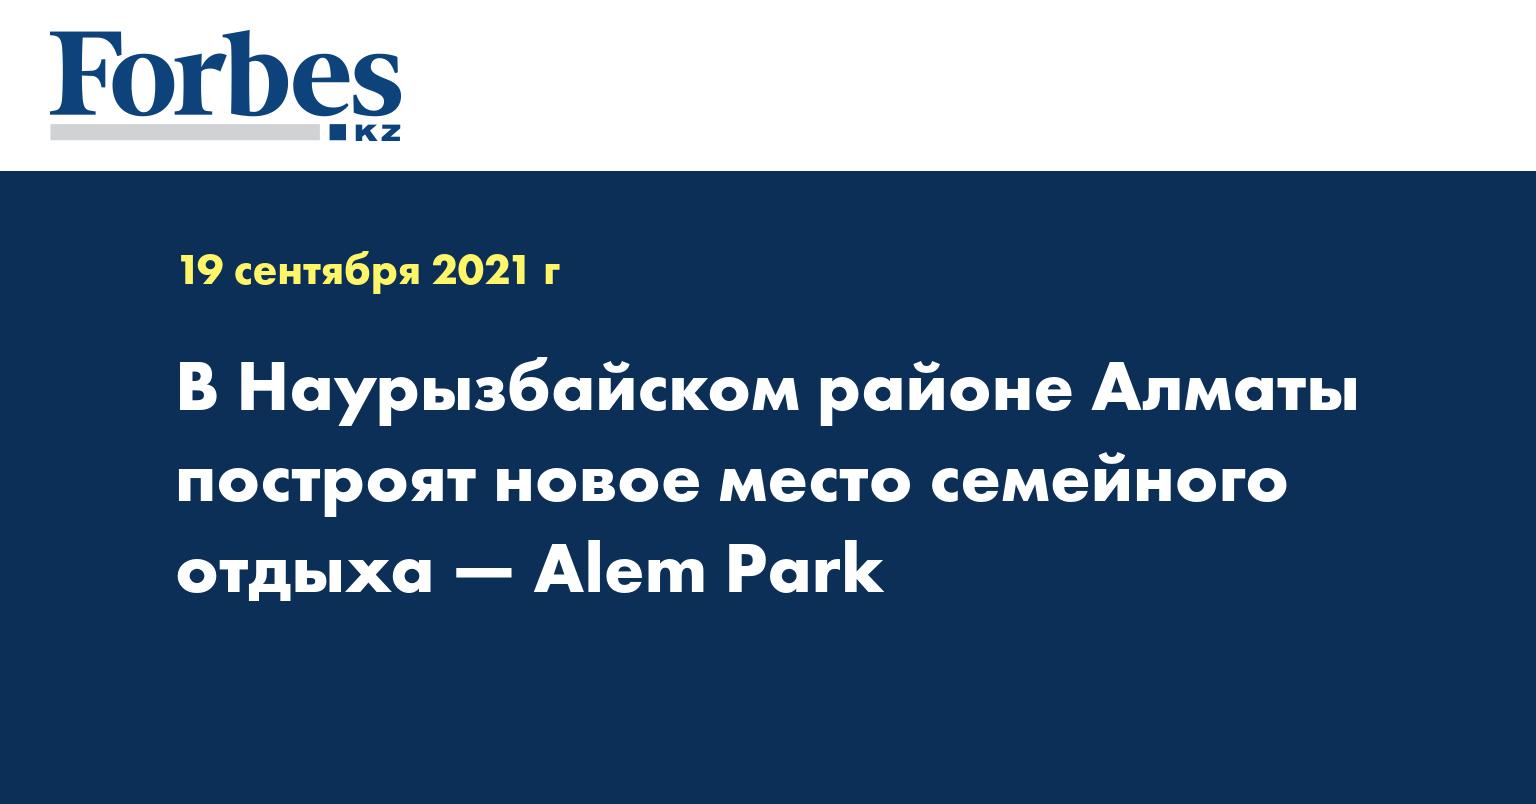 В Наурызбайском районе Алматы построят новое место семейного отдыха — Alem Рark